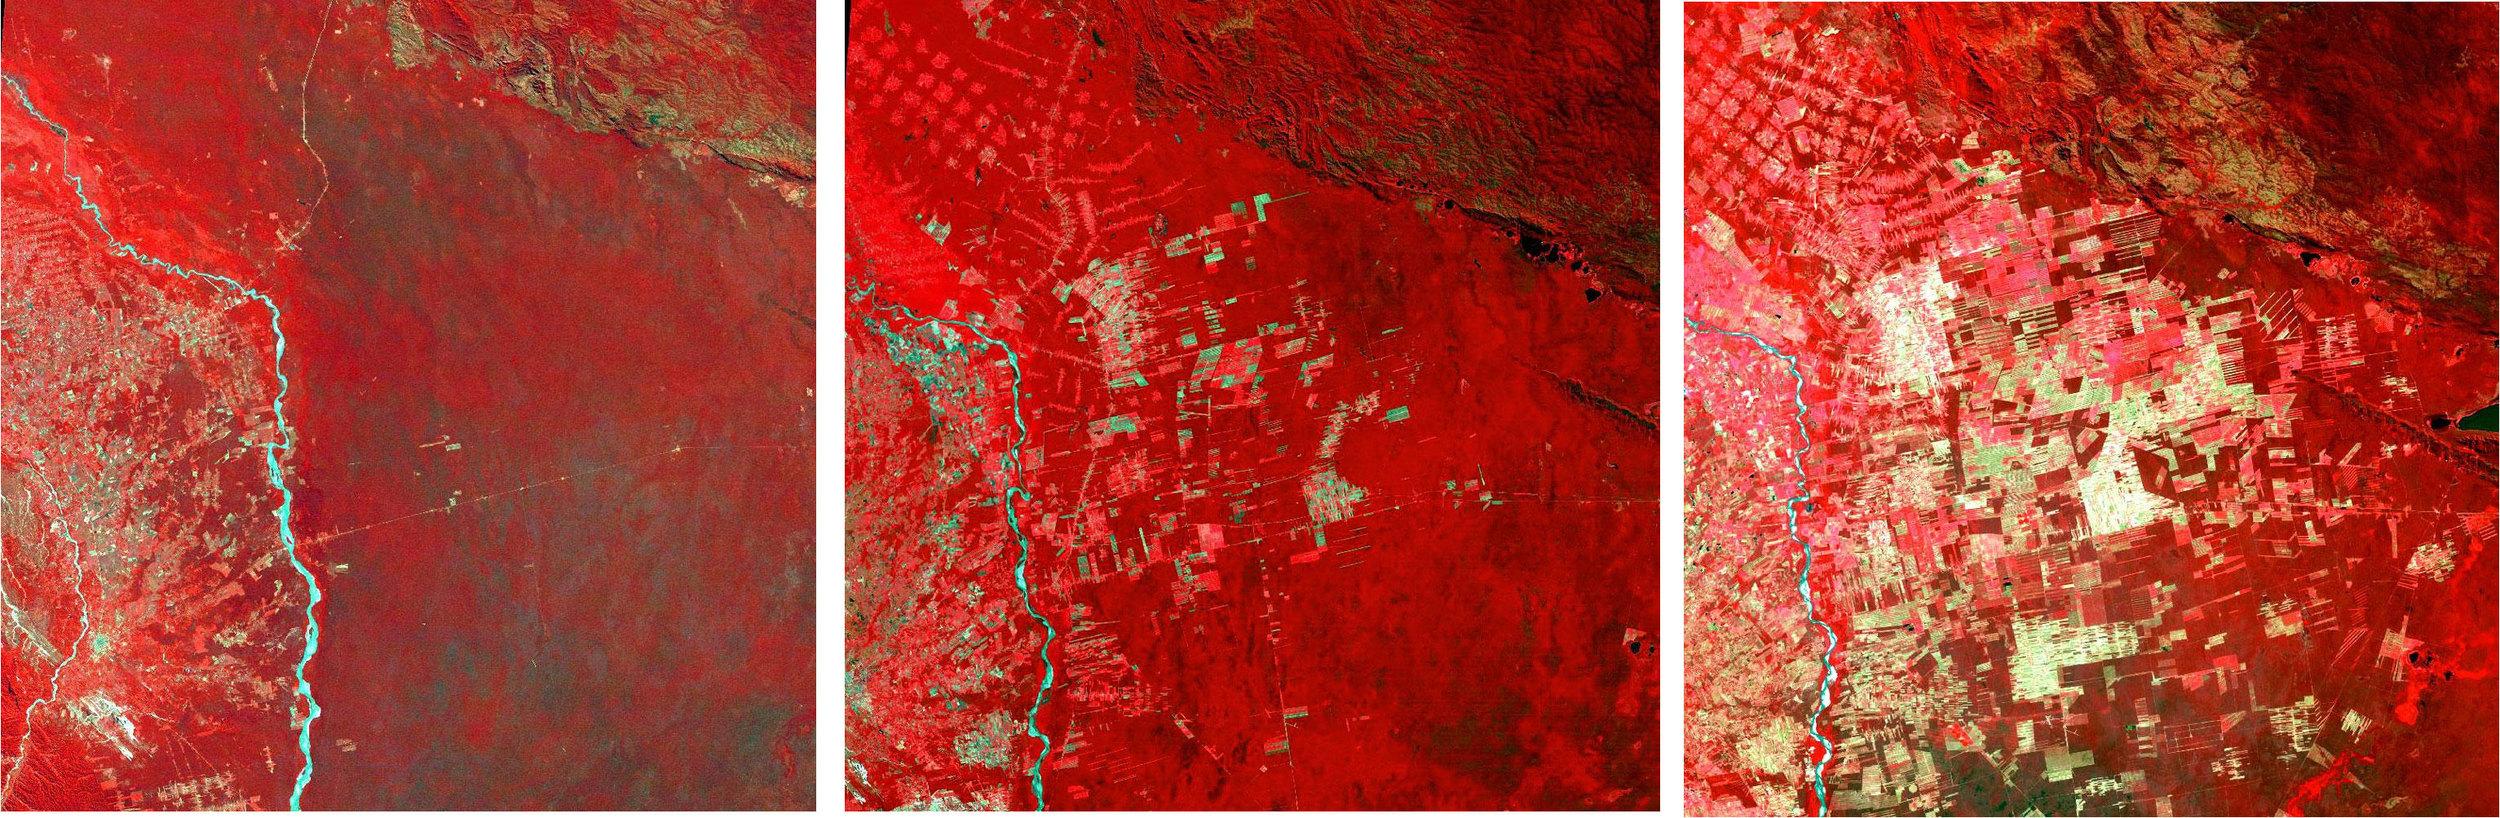 Imagenes Landsat mostrando el impacto sobre los bosques amazónicos.